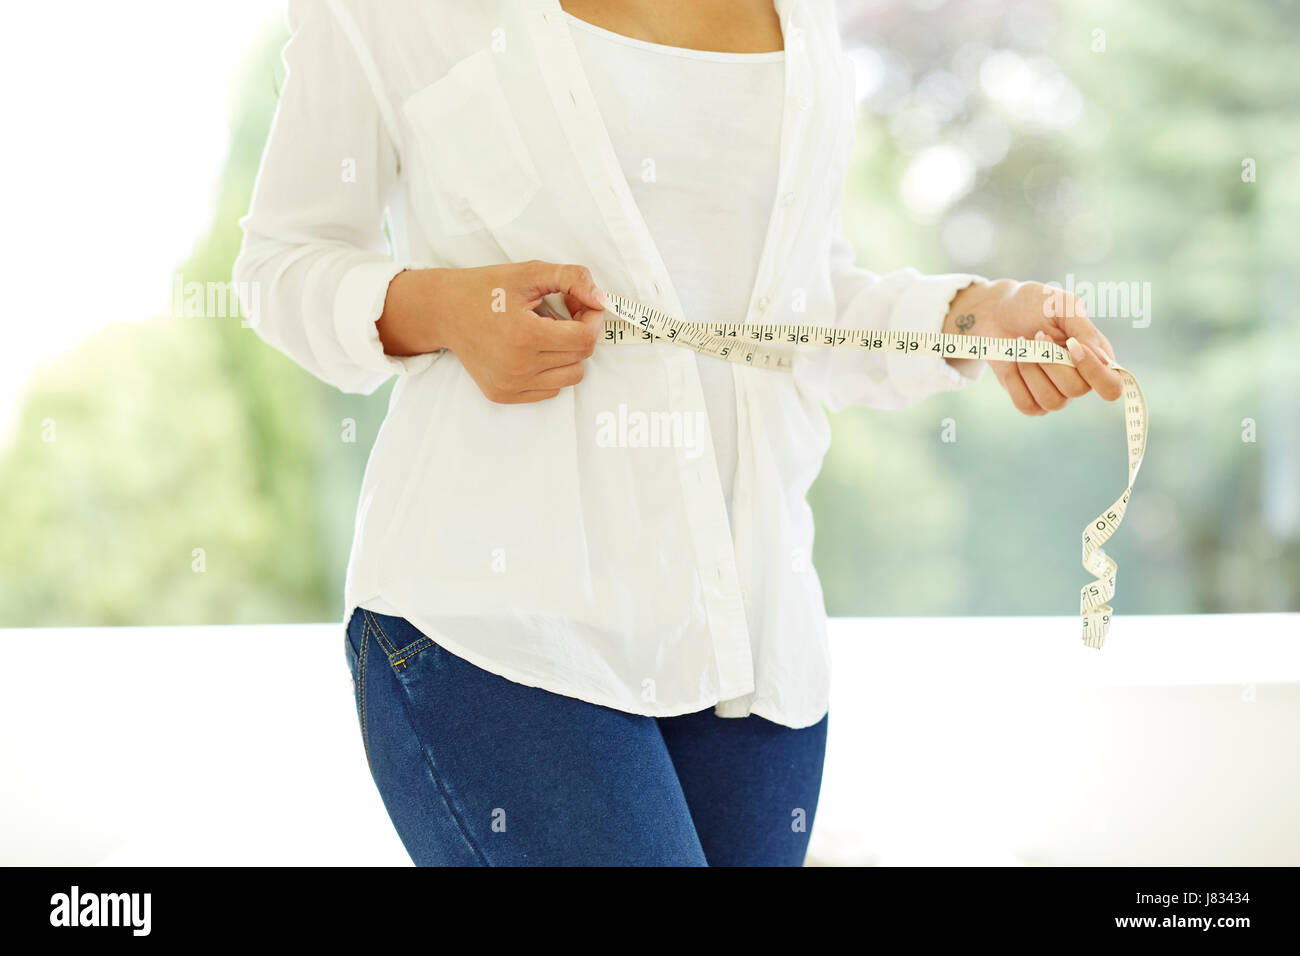 Frau mit Maßband um ihre Taille Stockbild